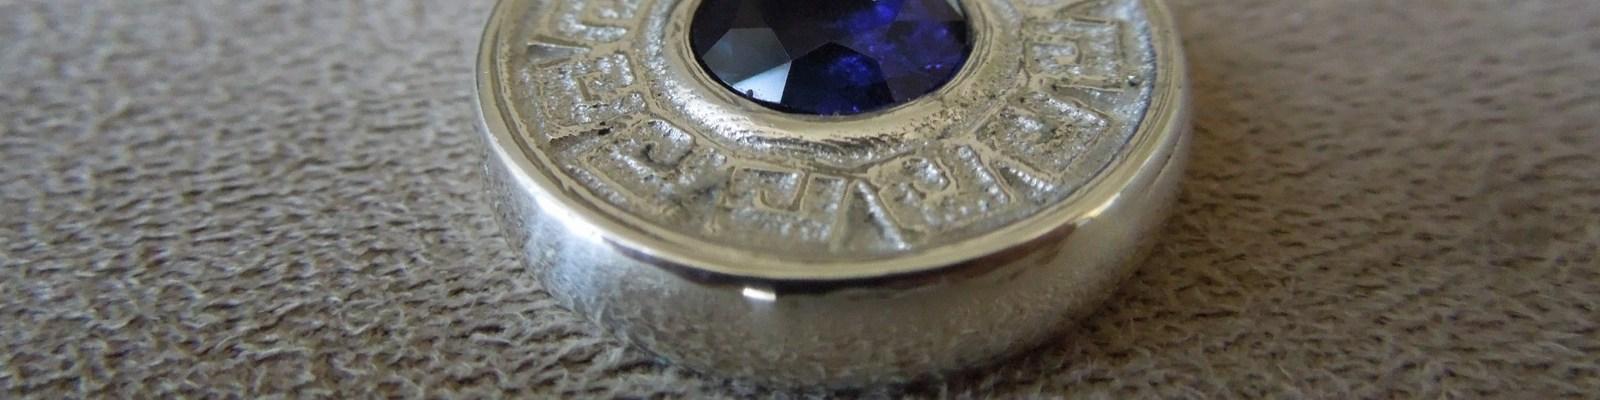 greek-motif-sapphire-pendant